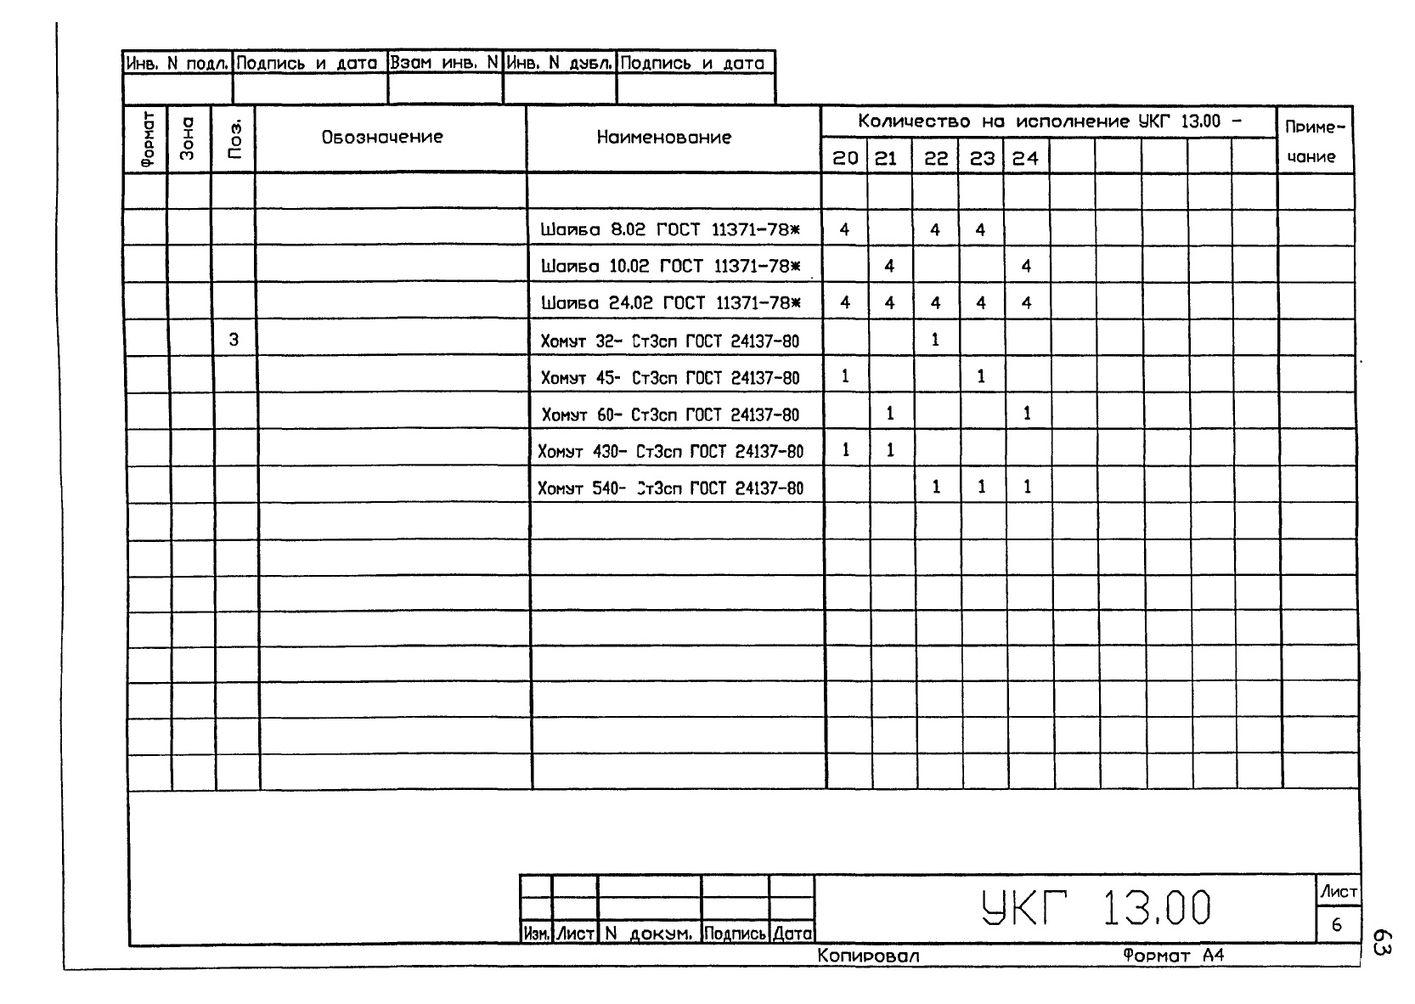 Крепление вспомогательного газопровода к основному УКГ 13.00 СБ серия 5.905-18.05 выпуск 1 стр.7